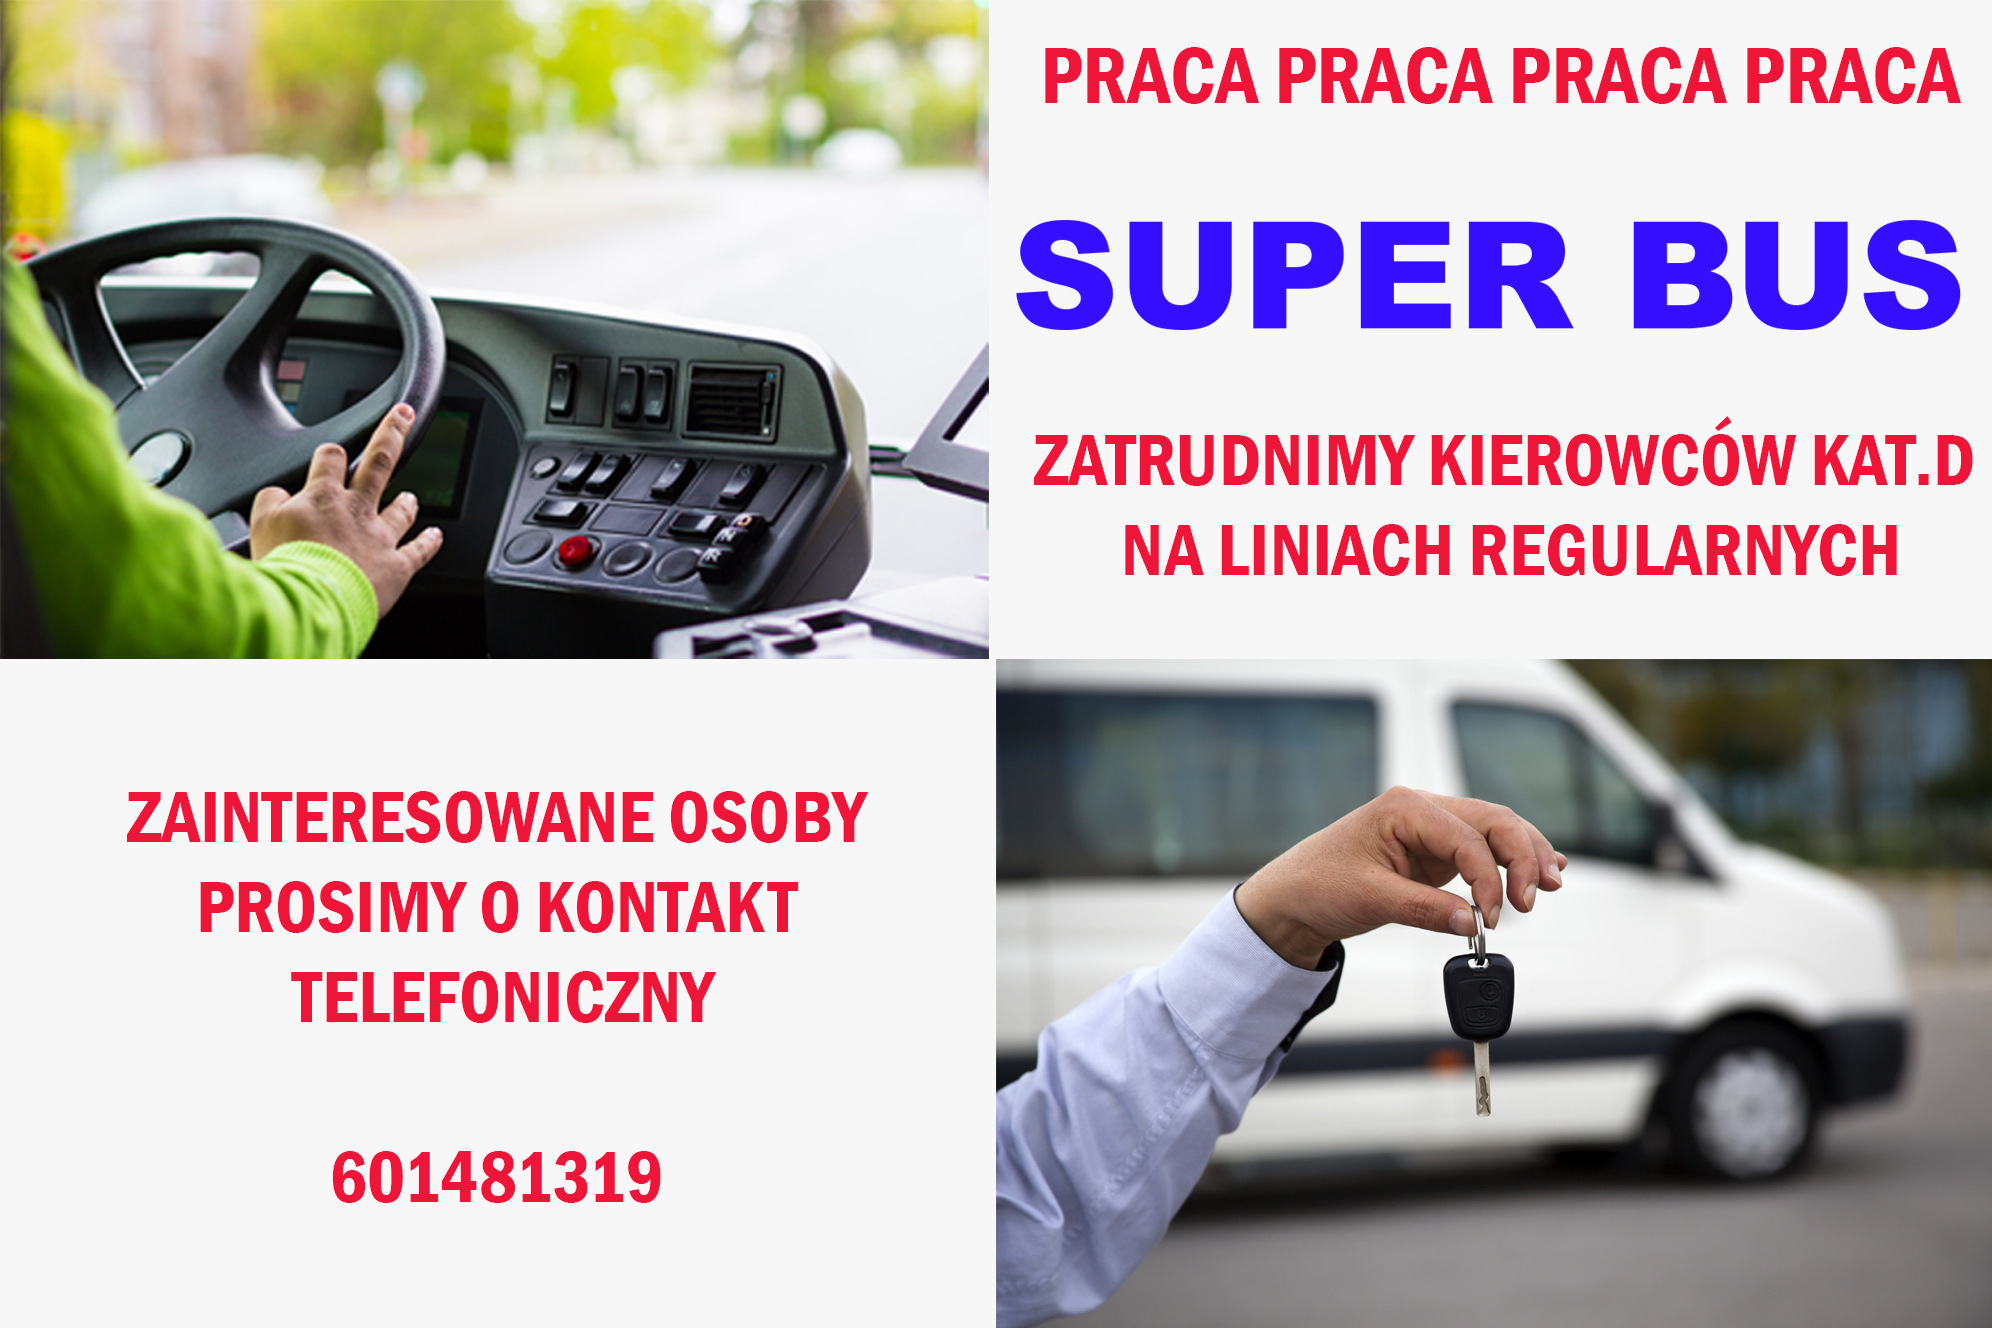 SUPER BUS zatrudni kierowców kat.D na liniach regularnych. ZAINTERESOWANE OSOBY PROSIMY O KONTAKT TELEFONICZNY 601481319